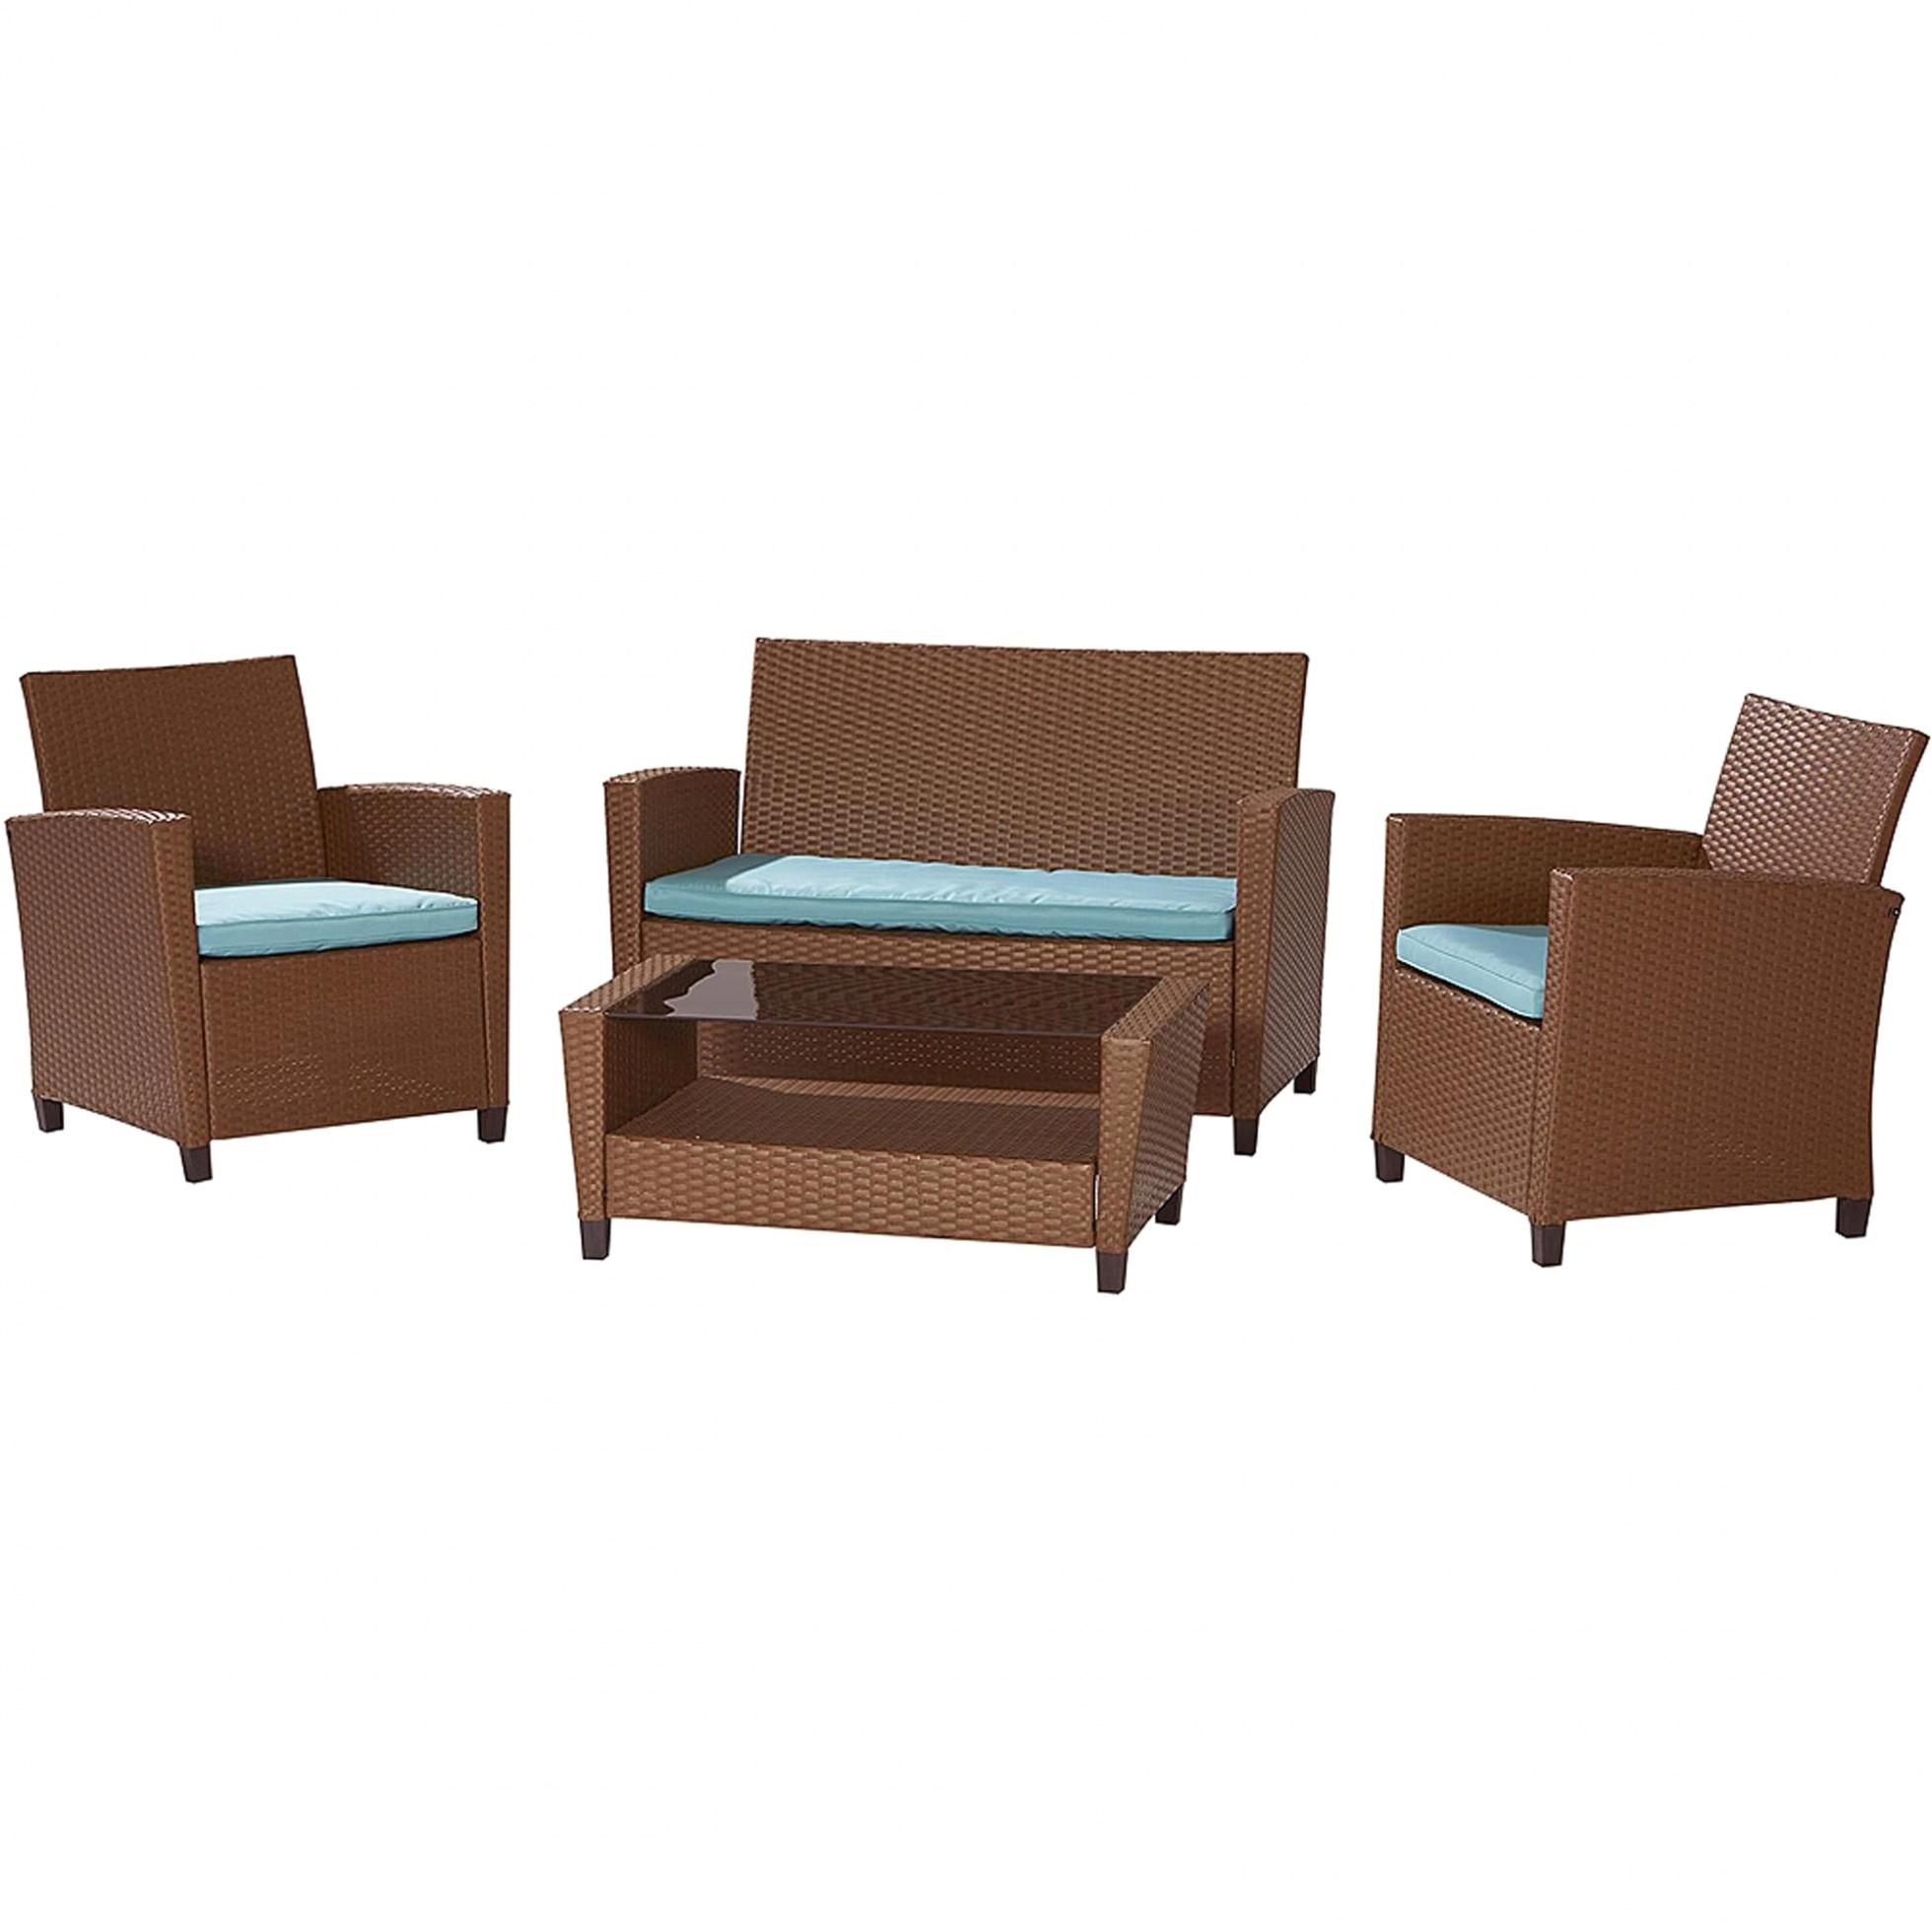 30 luxury harrows outdoor furniture ideas chelseapinedainteriors